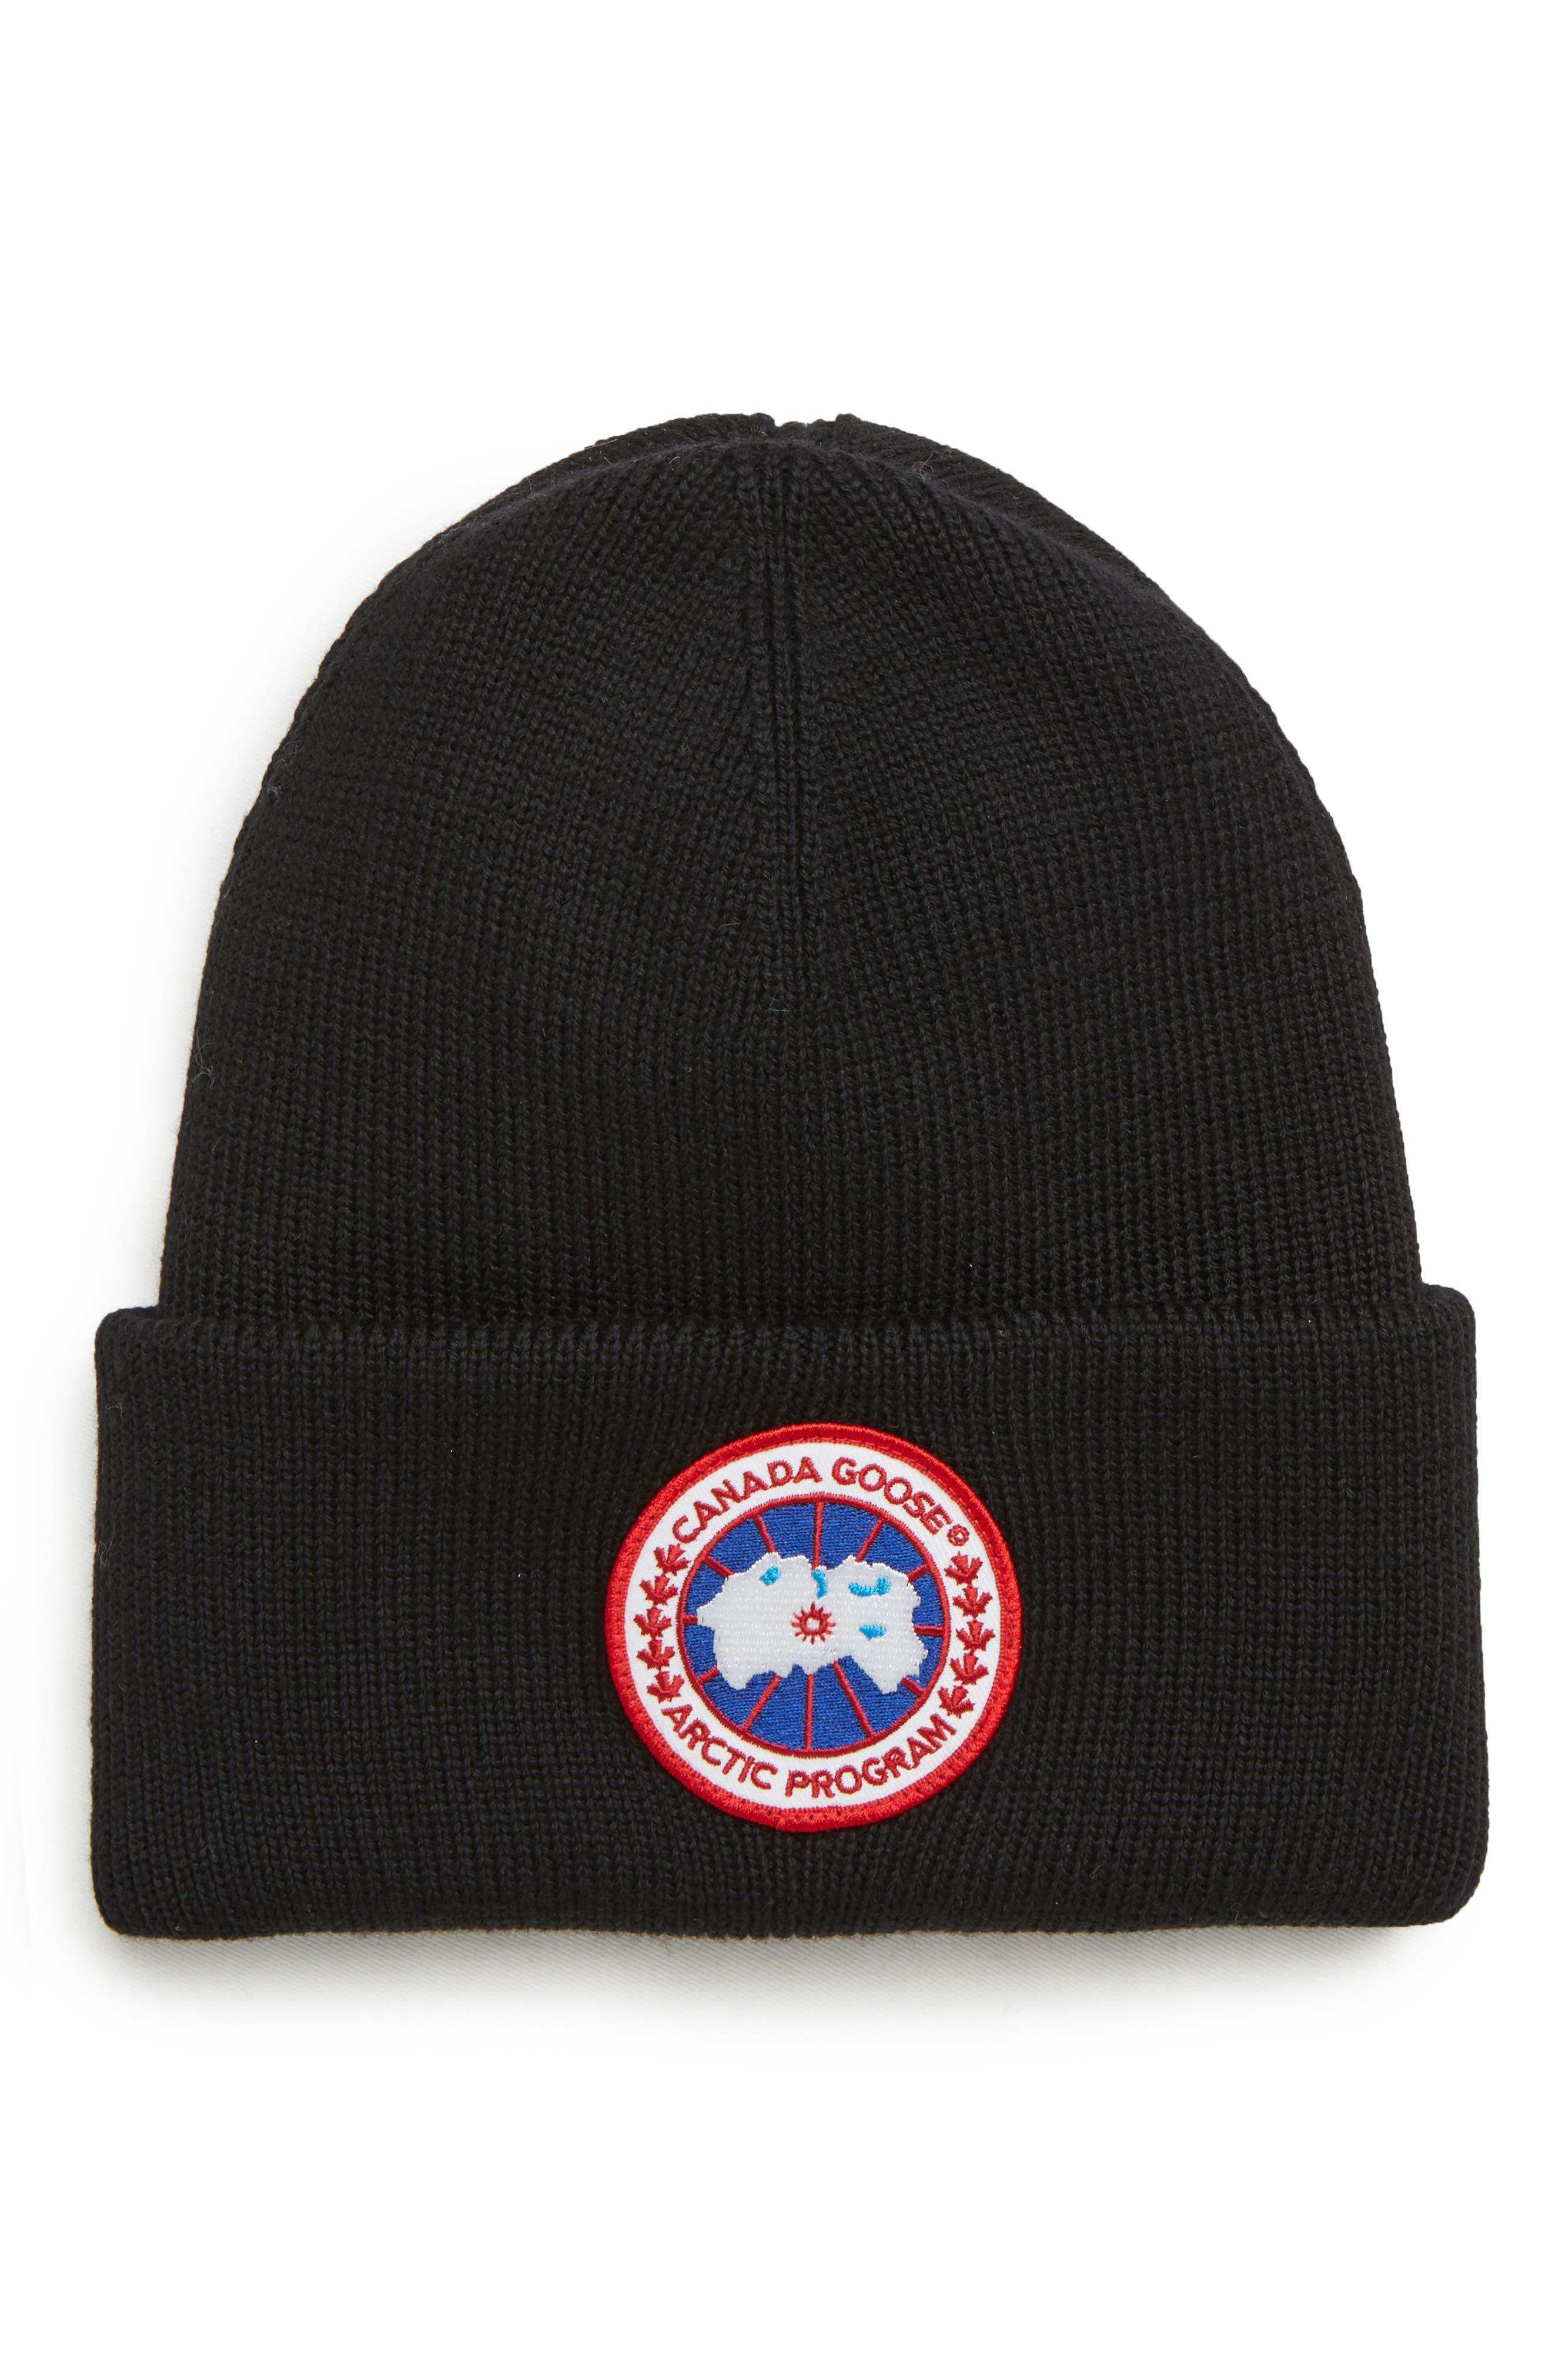 CANADA GOOSE Arctic Disc Merino Wool Toque Beanie, Main, color, BLACK